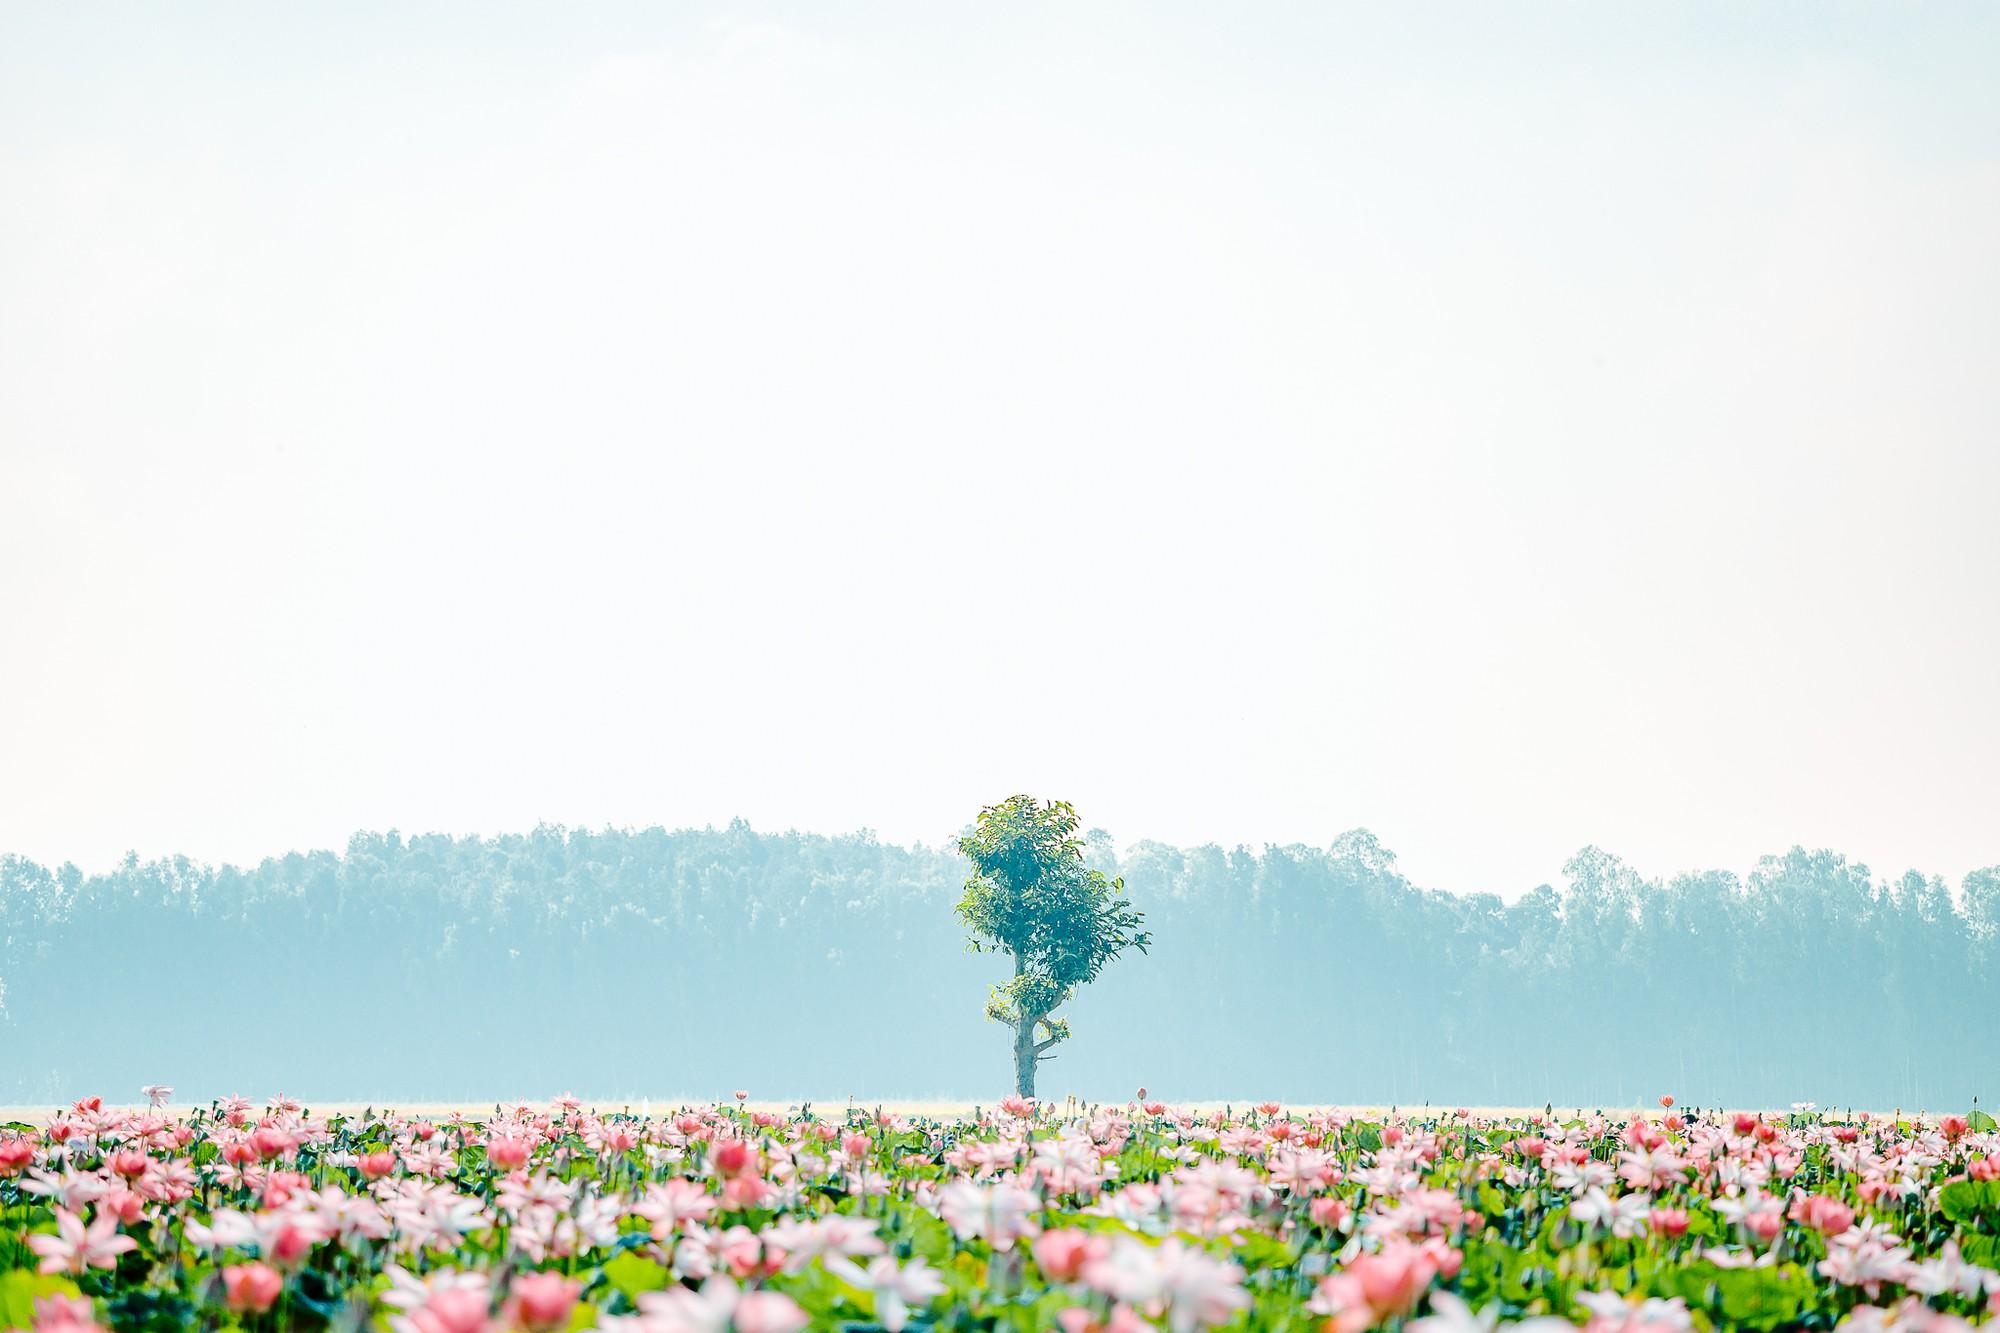 Đã lùng ra địa chỉ cánh đồng sen rộng bát ngát tại An Giang: Thiên đường sống ảo là đây chứ đâu nữa! - Ảnh 2.